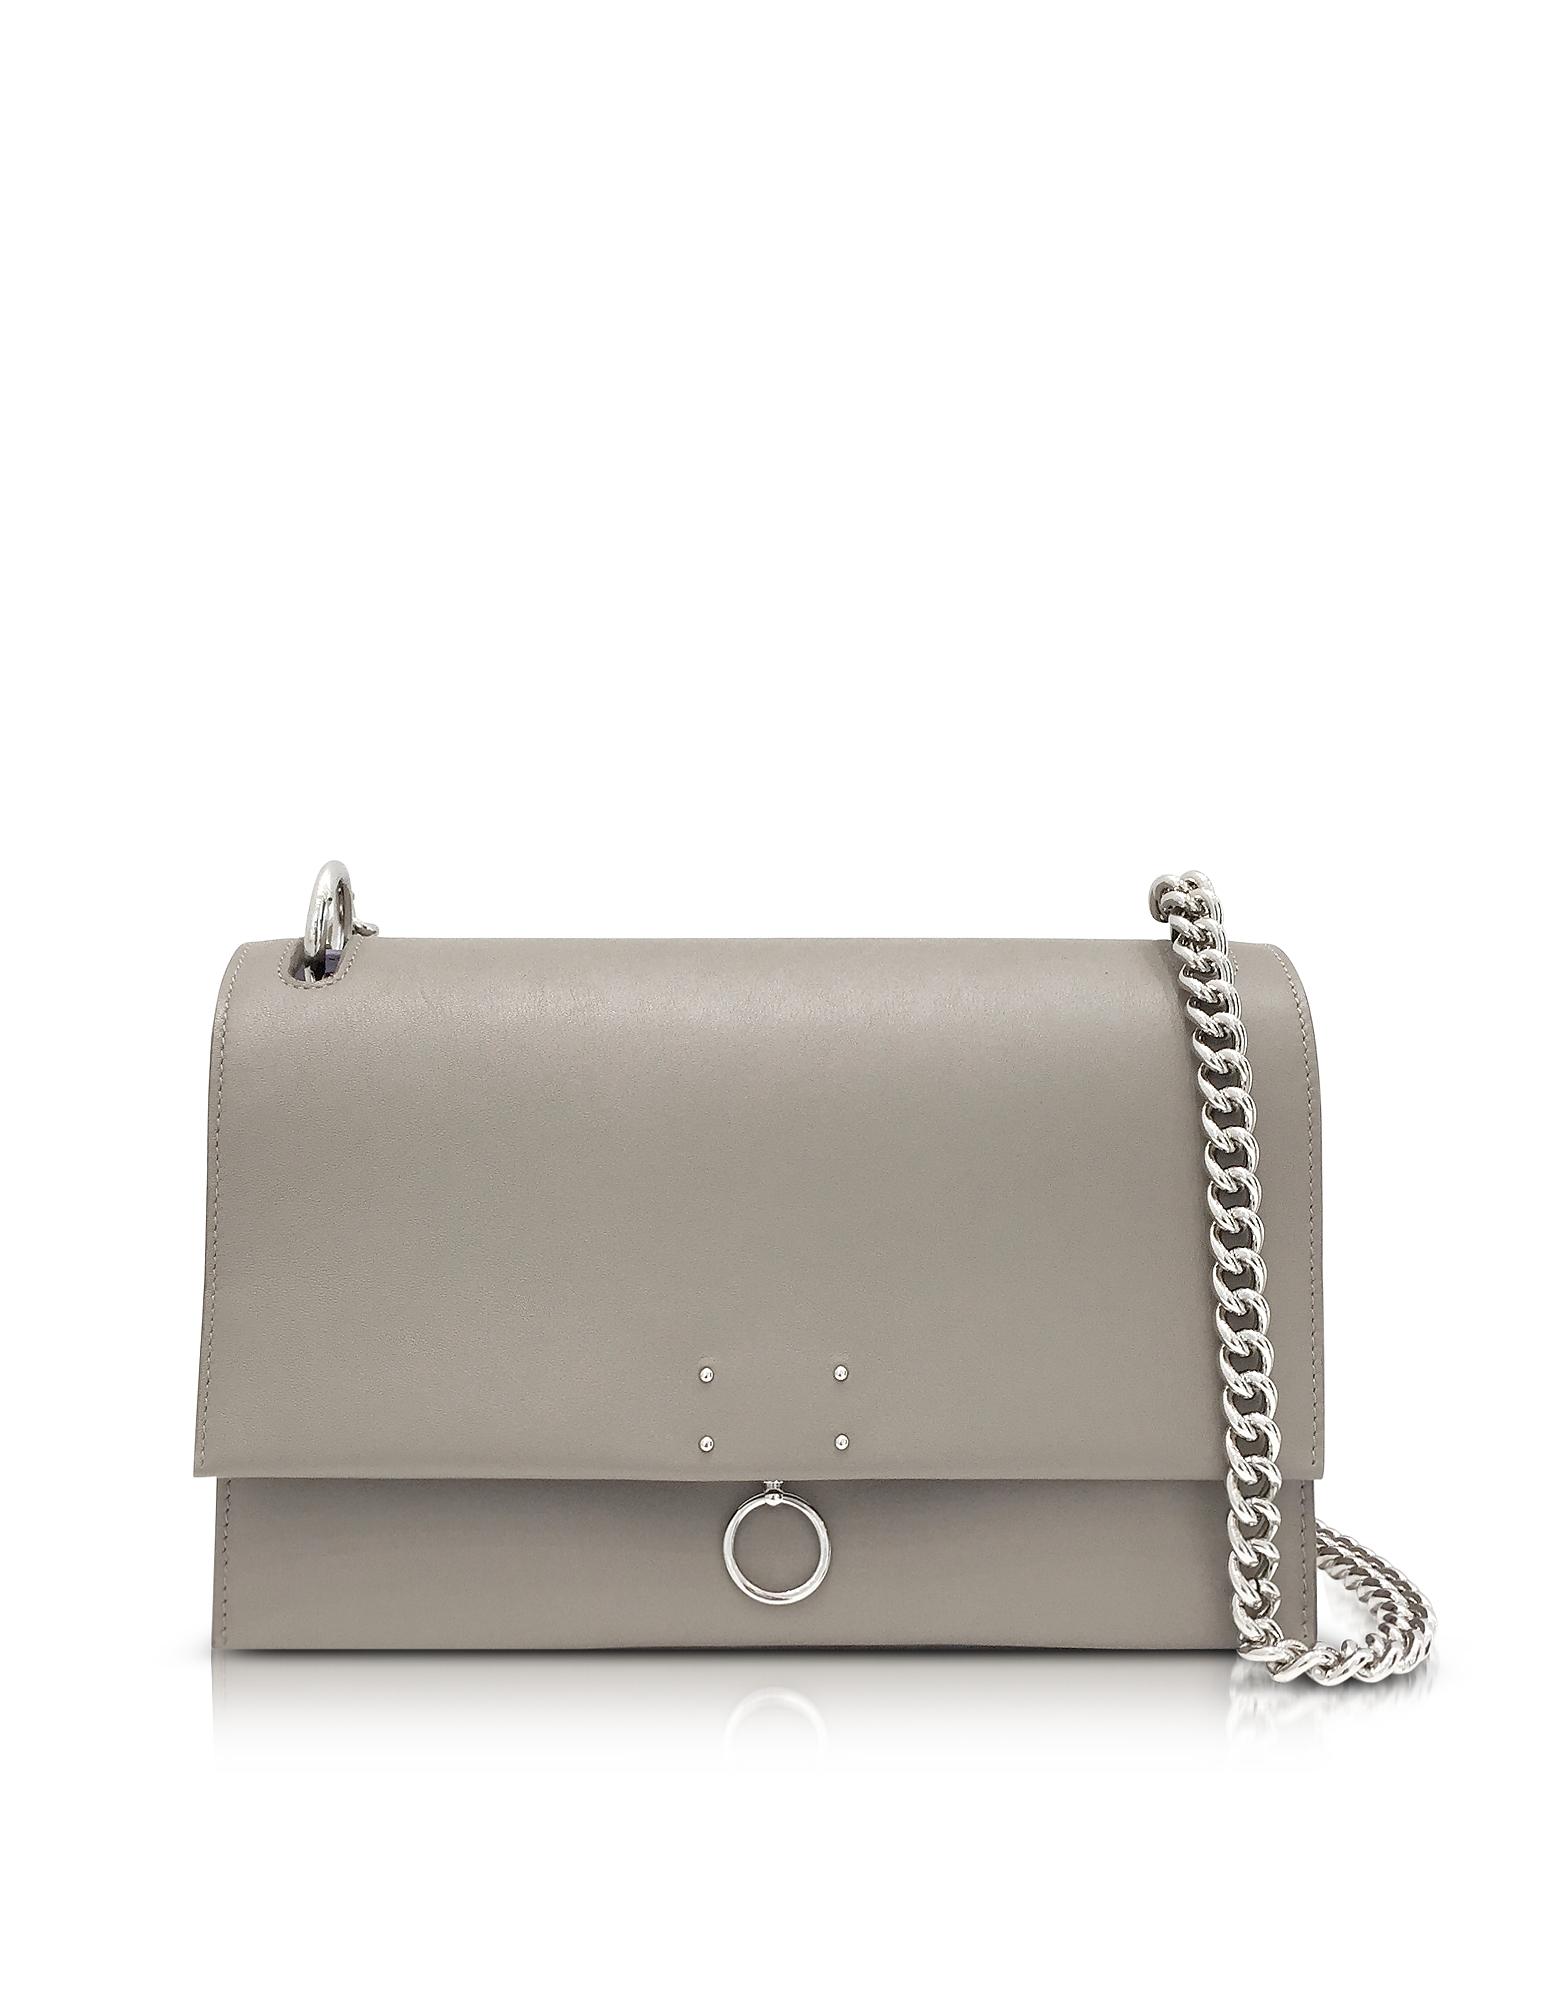 Jil Sander Handbags, Open Beige Leather Medium Ring Shoulder Bag